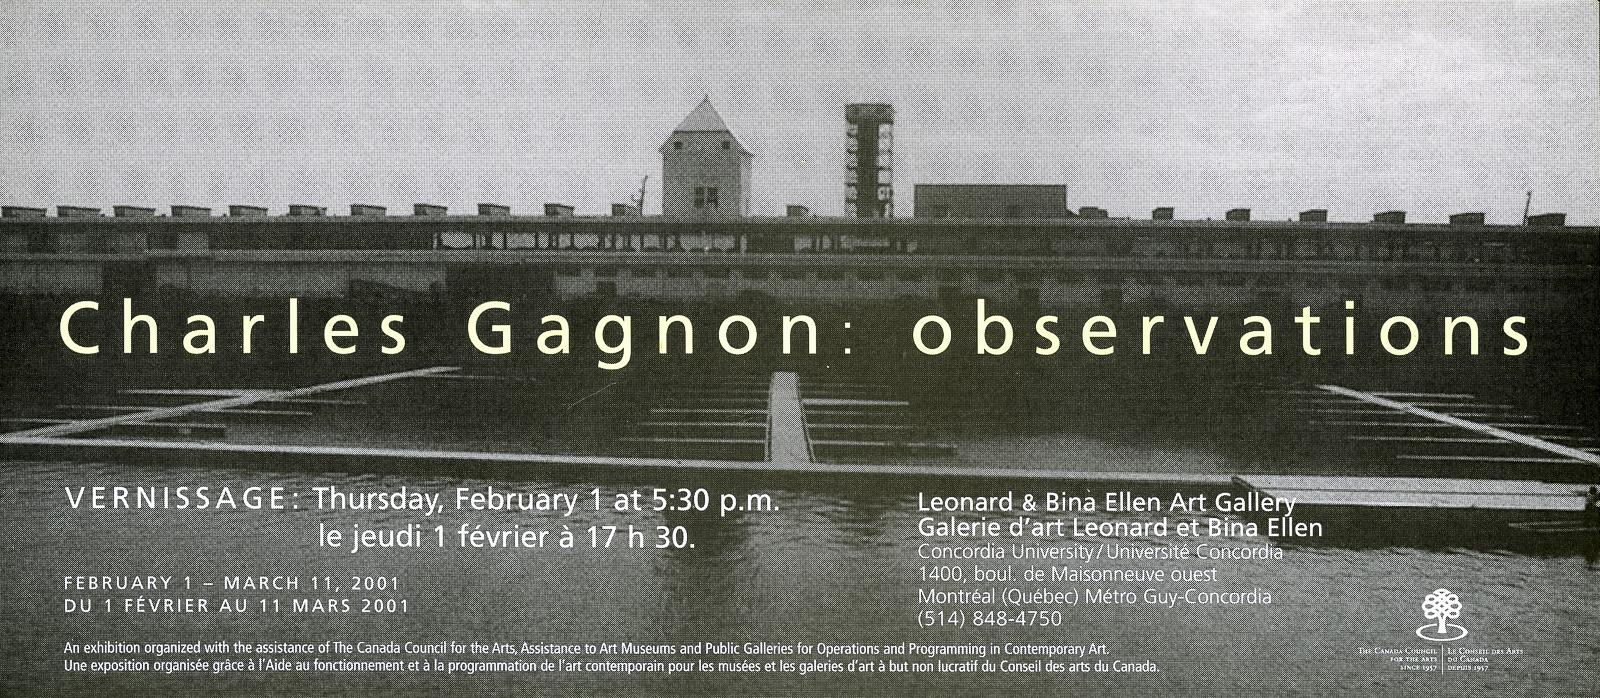 'Observations' exhibition invitation, Leonard & Bina Ellen Art Gallery, 2001